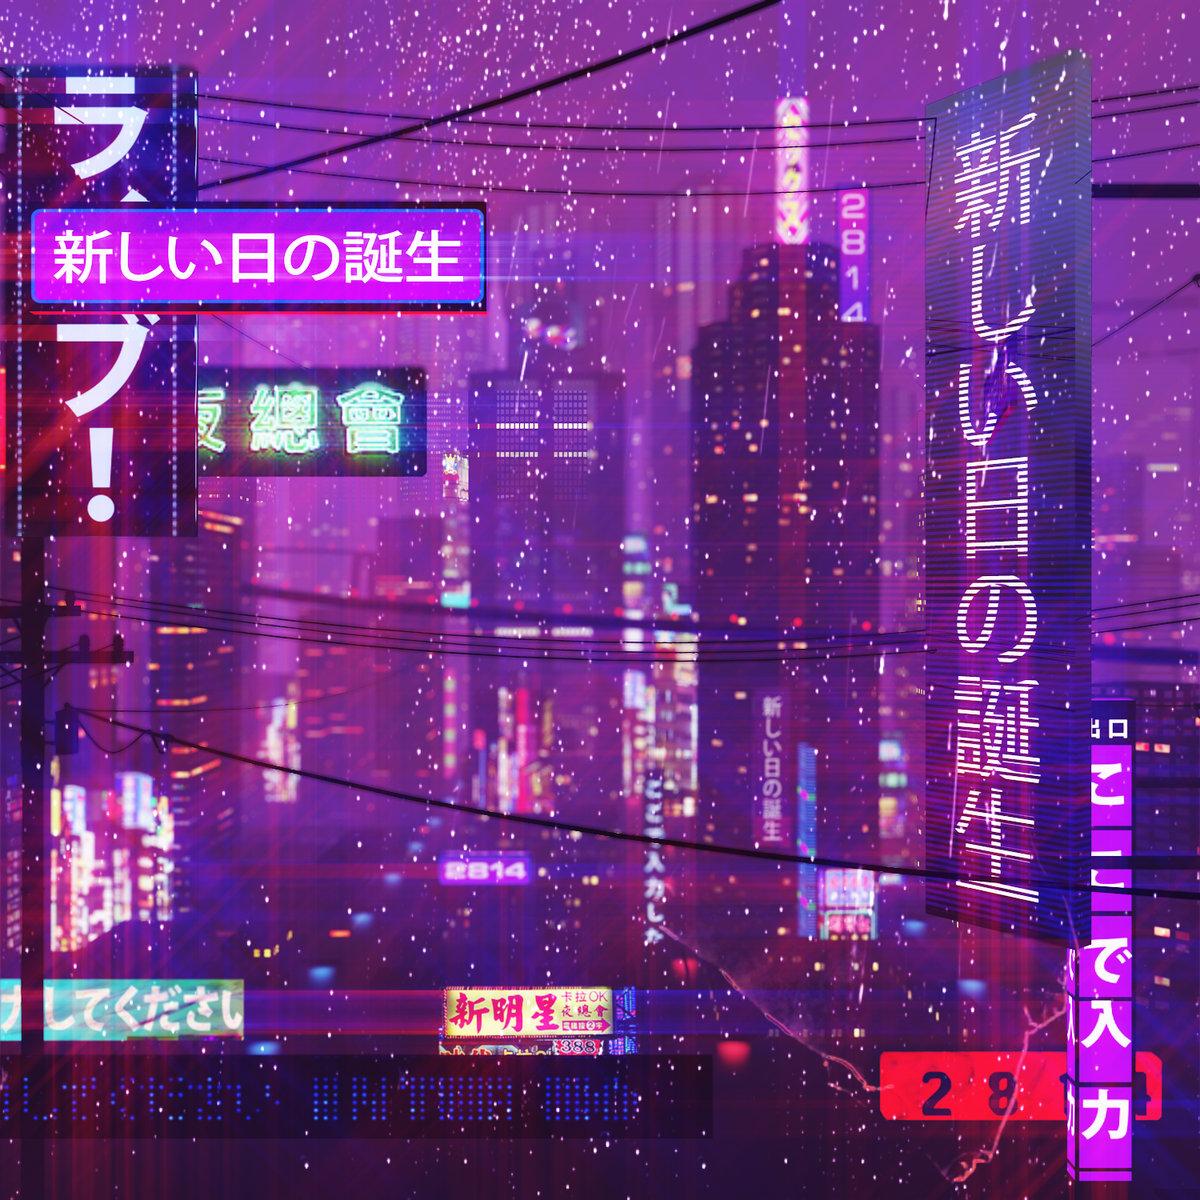 2814 – 新しい日の誕生 (2015) [Bandcamp FLAC 24bit/44,1kHz]